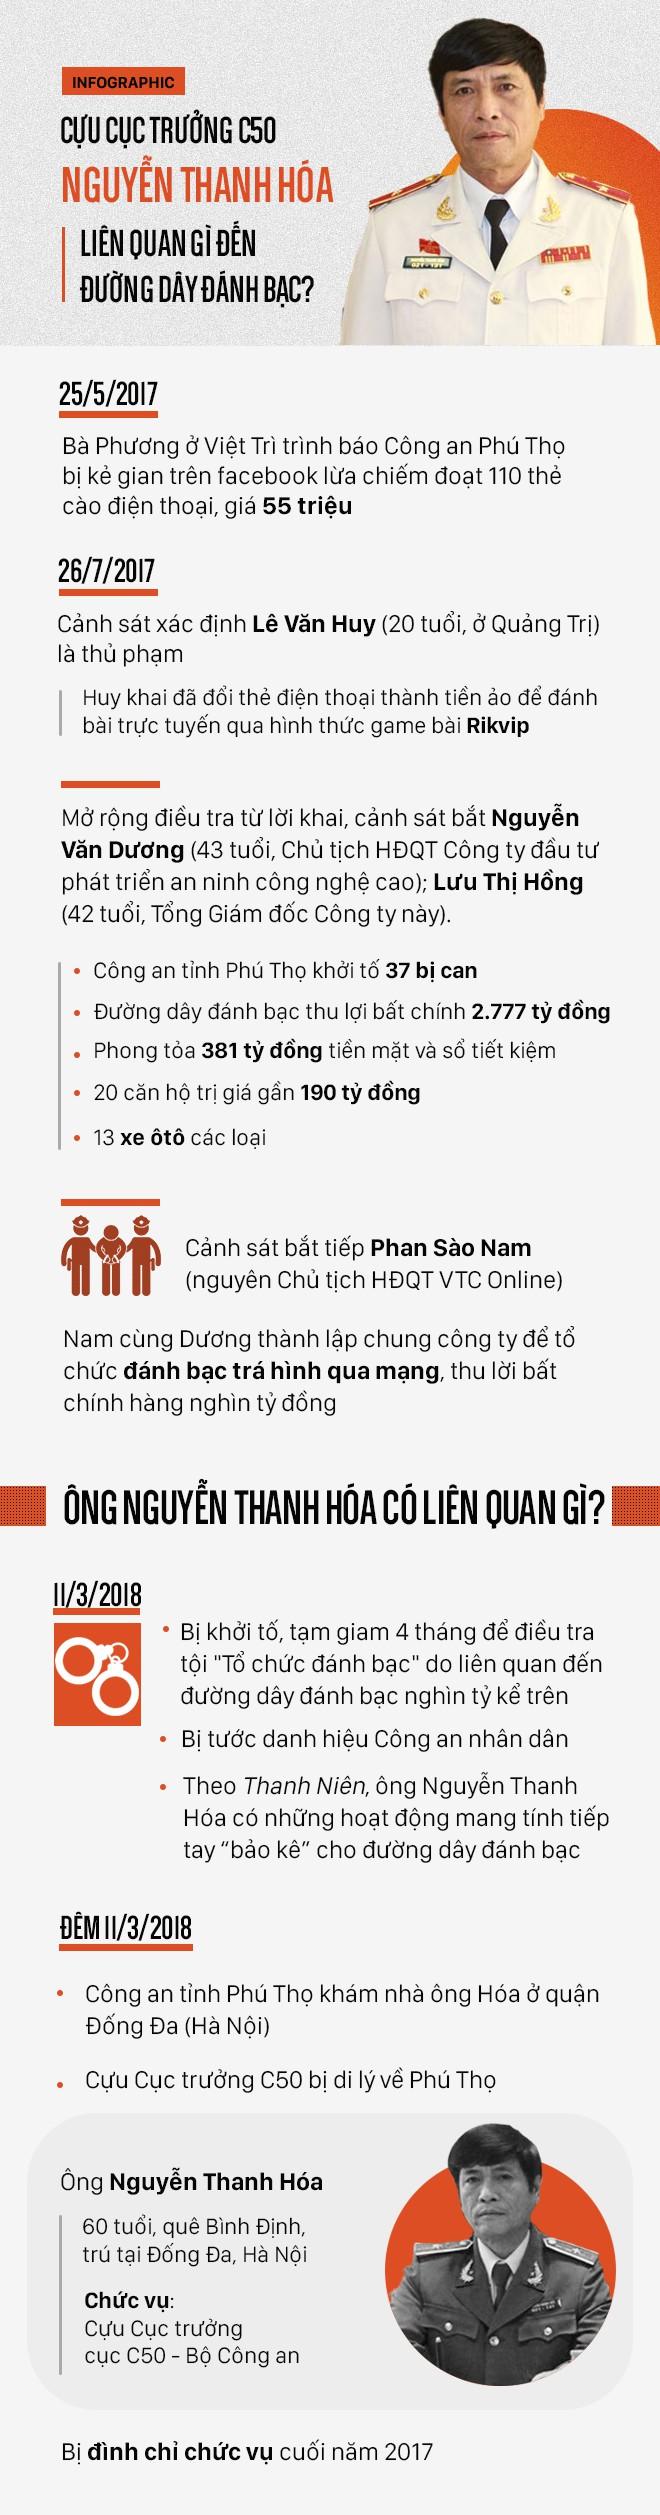 [Infographic] Cựu Cục trưởng C50 Nguyễn Thanh Hóa liên quan gì đến đường dây đánh bạc? - Ảnh 1.